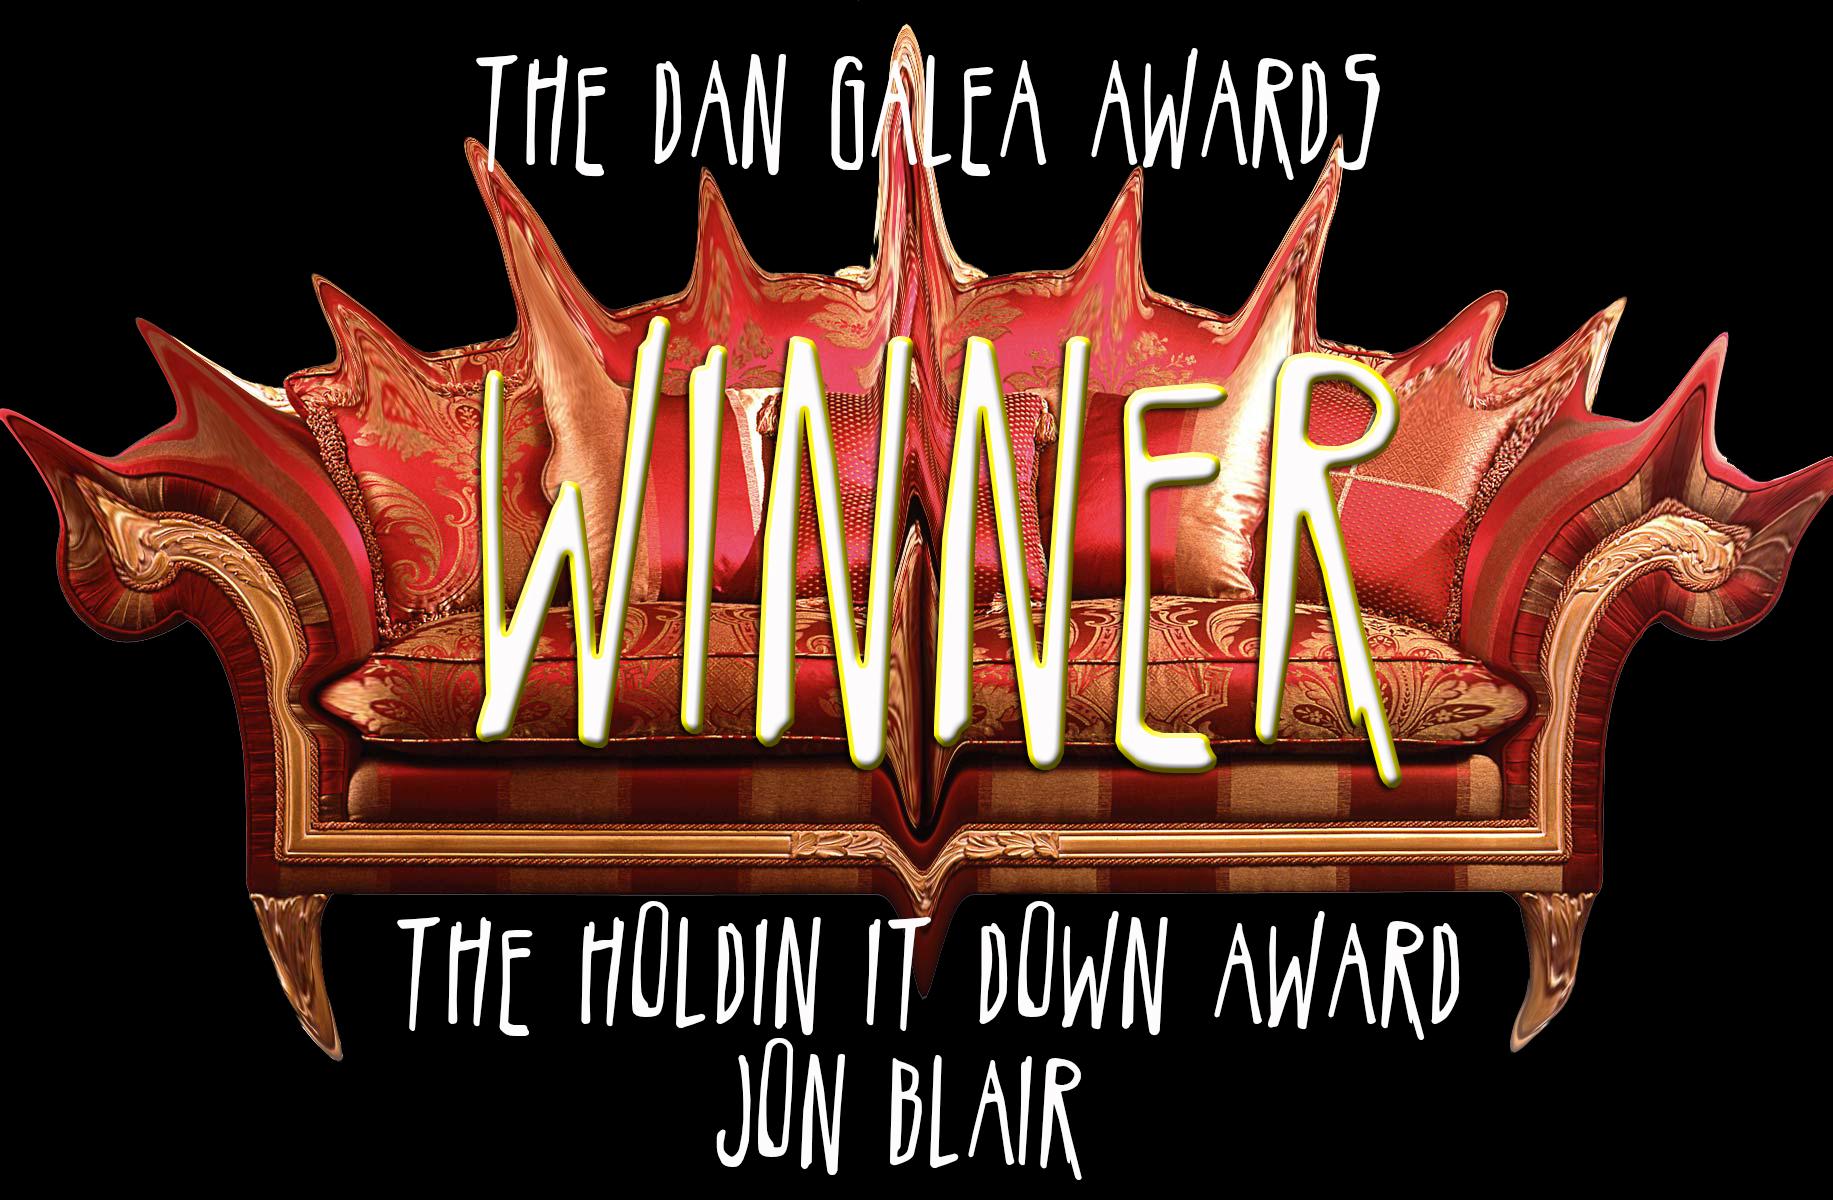 DGawards JON BLAIR.jpg